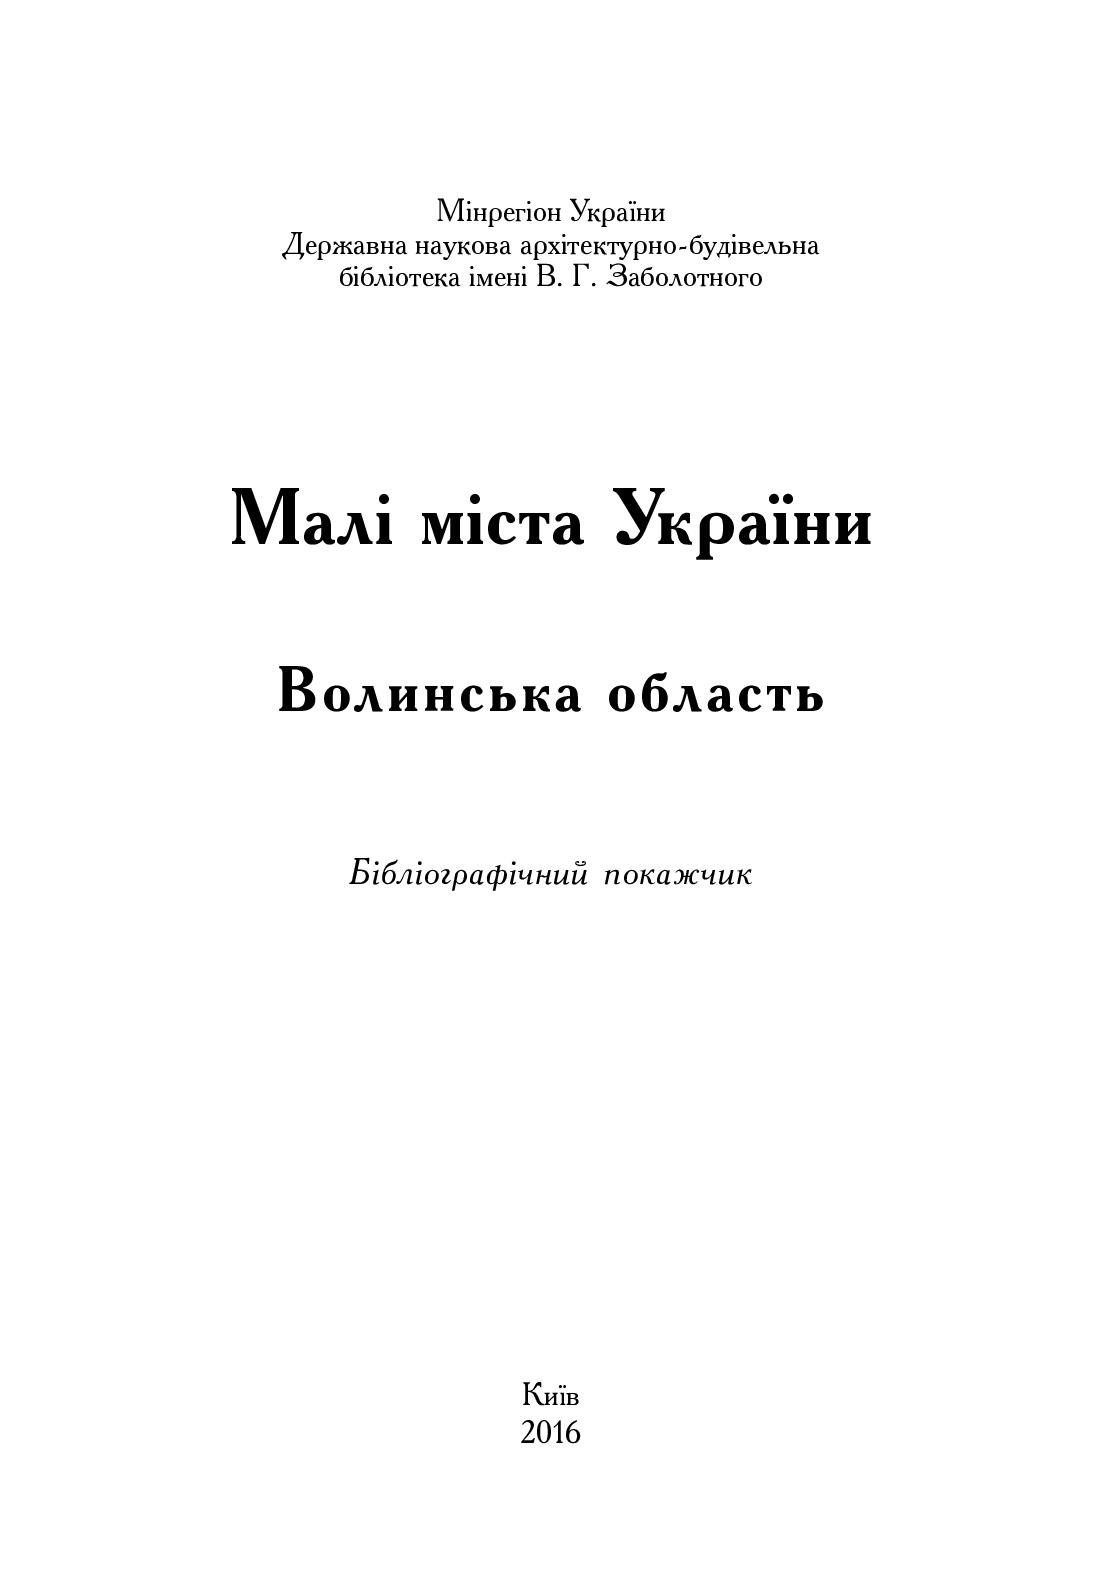 Волинська область 16 01 2017